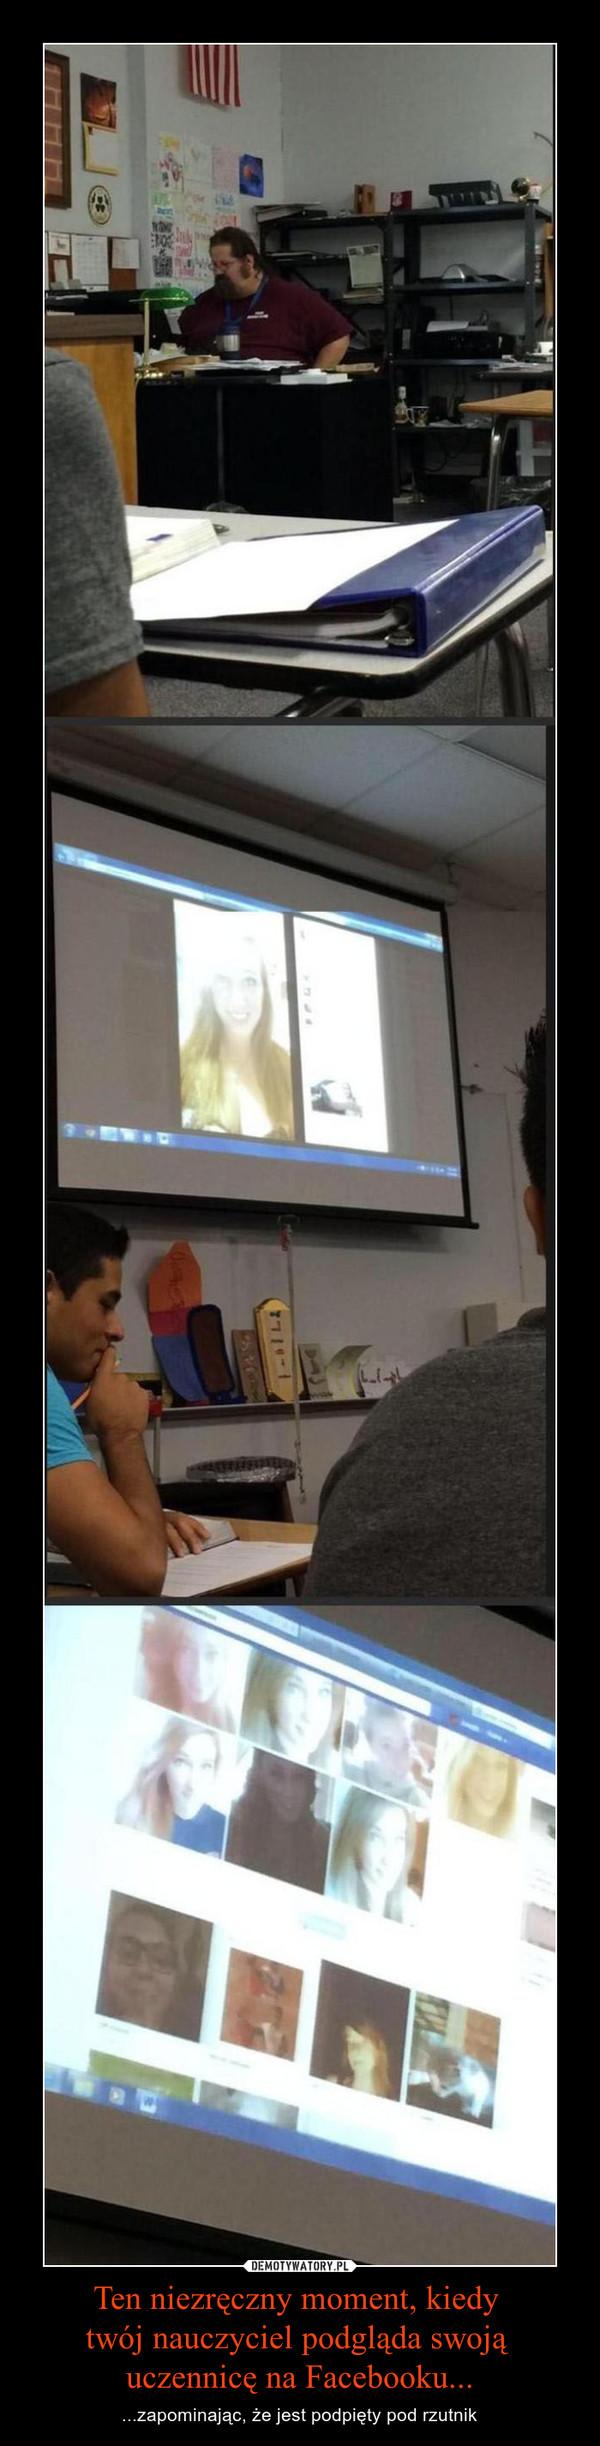 Ten niezręczny moment, kiedy twój nauczyciel podgląda swoją uczennicę na Facebooku... – ...zapominając, że jest podpięty pod rzutnik